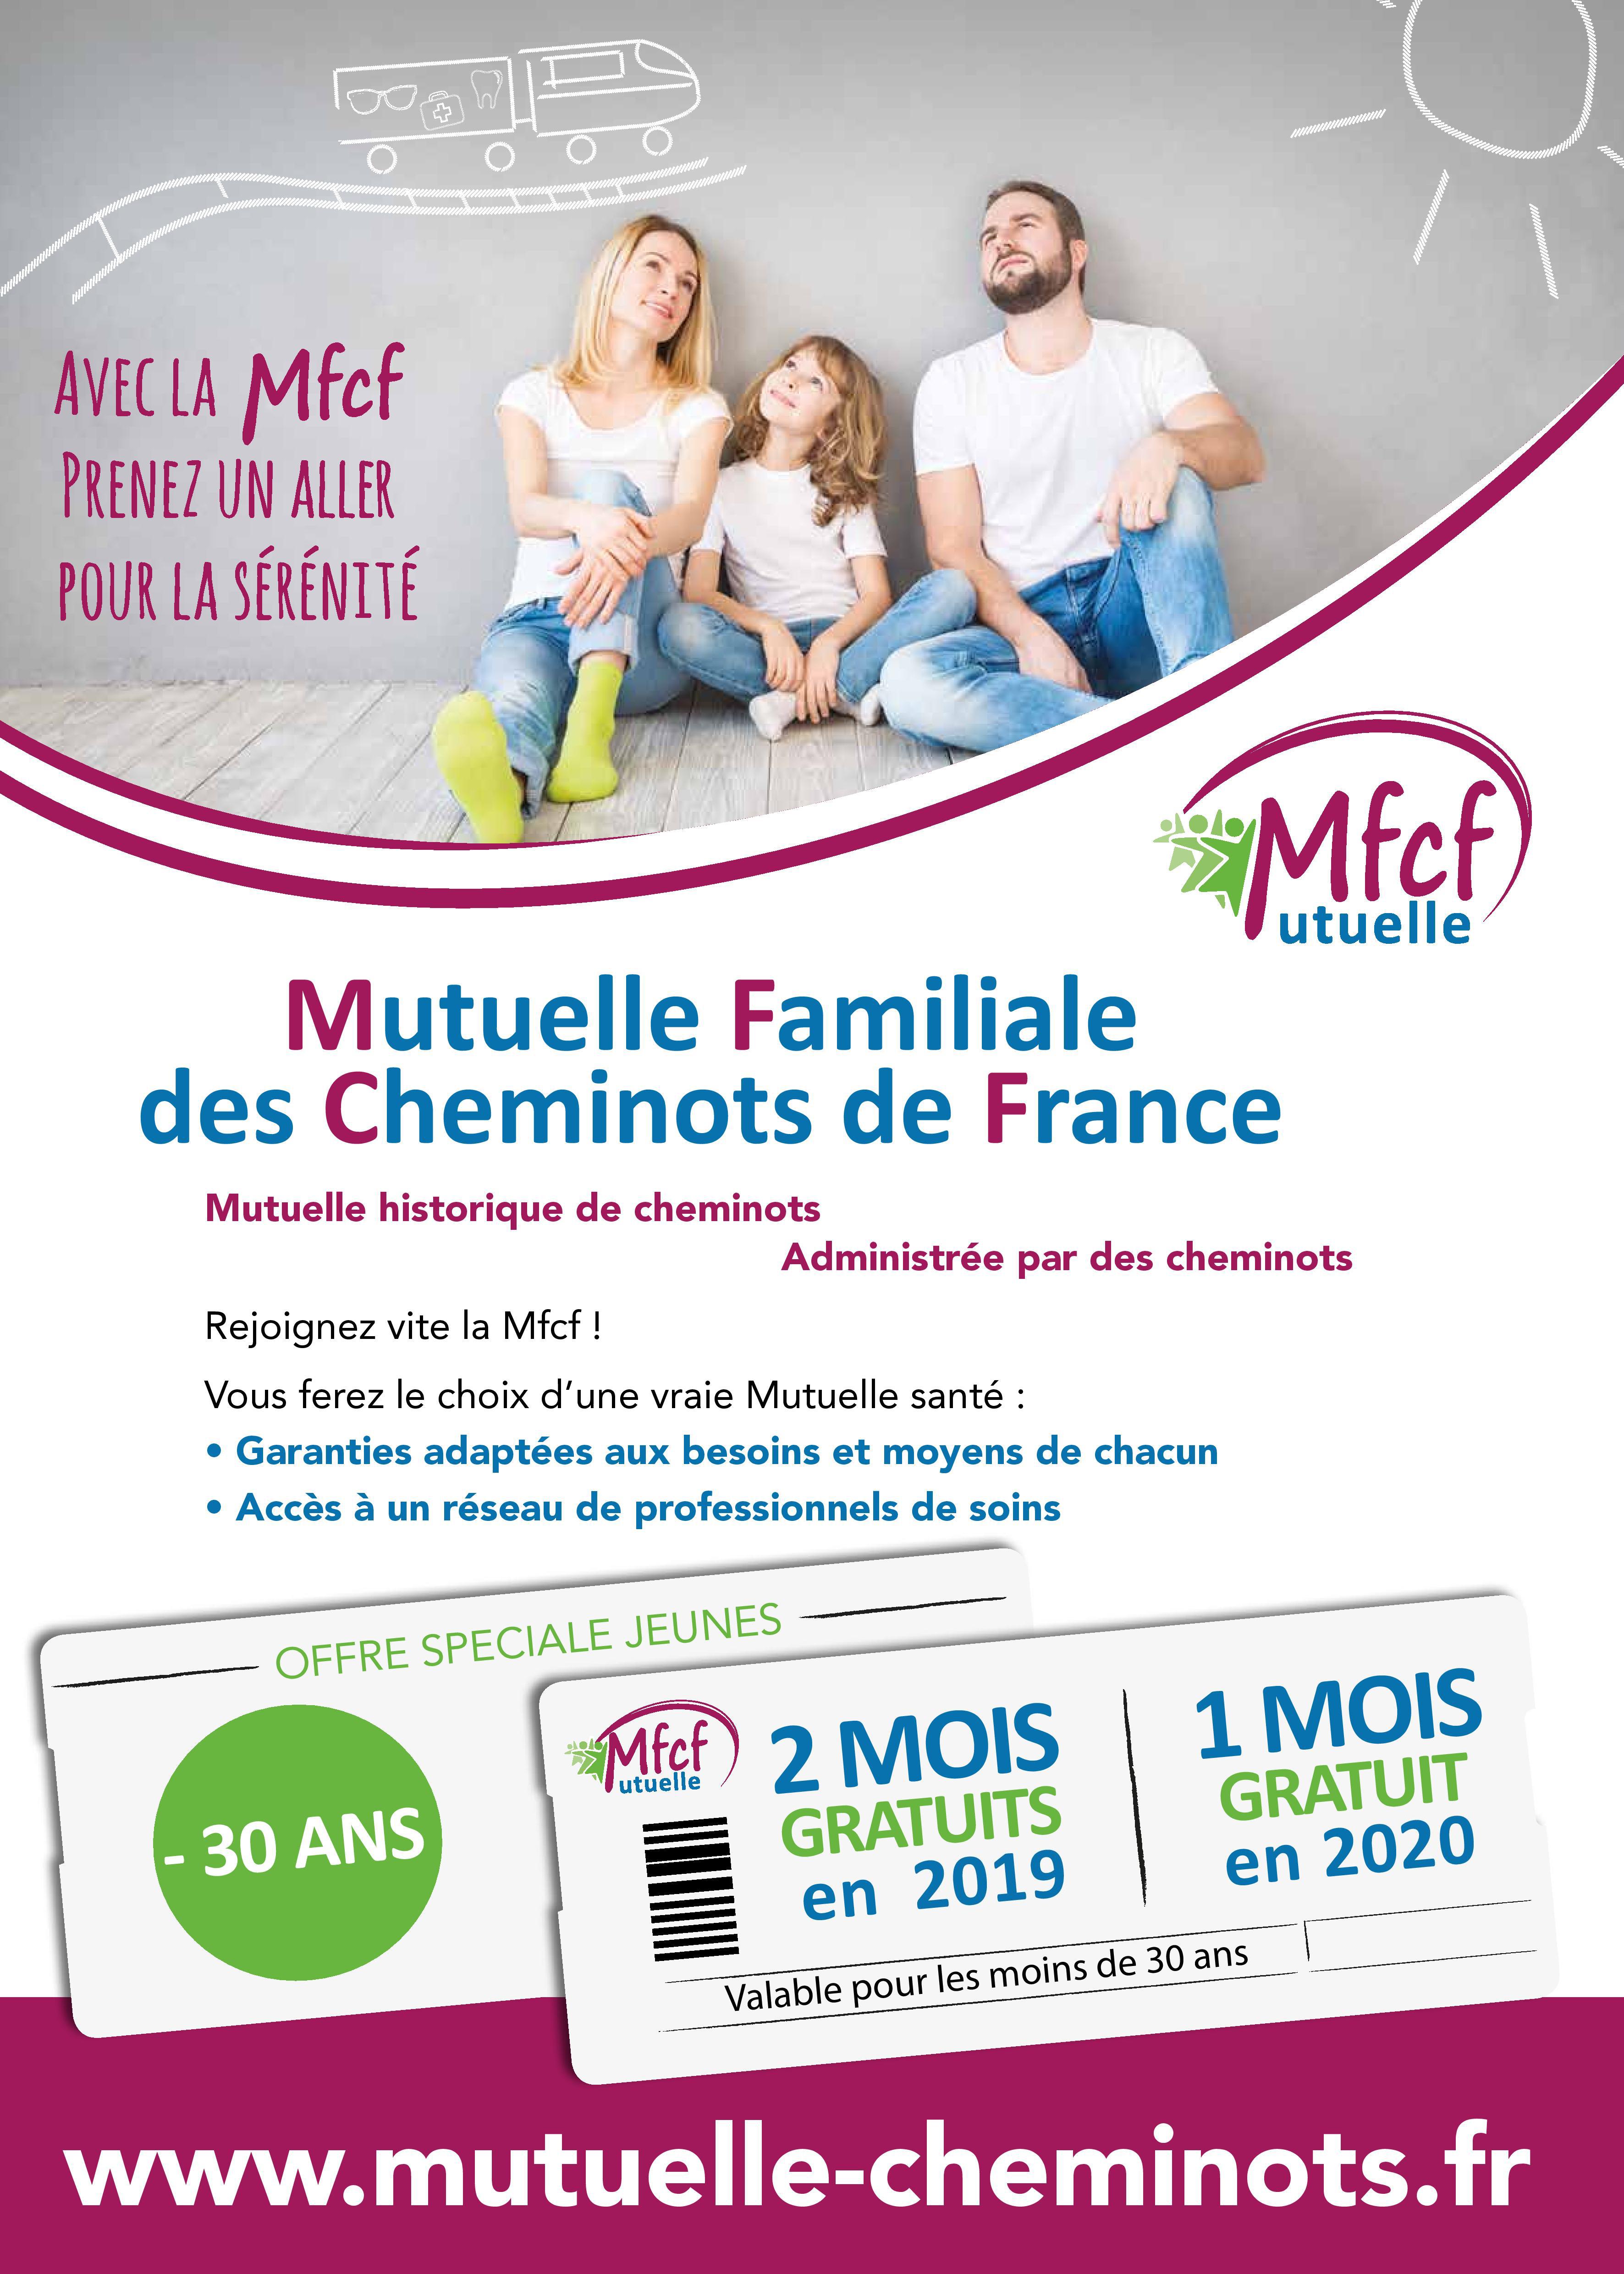 Les bons plans MFCF : -30ans